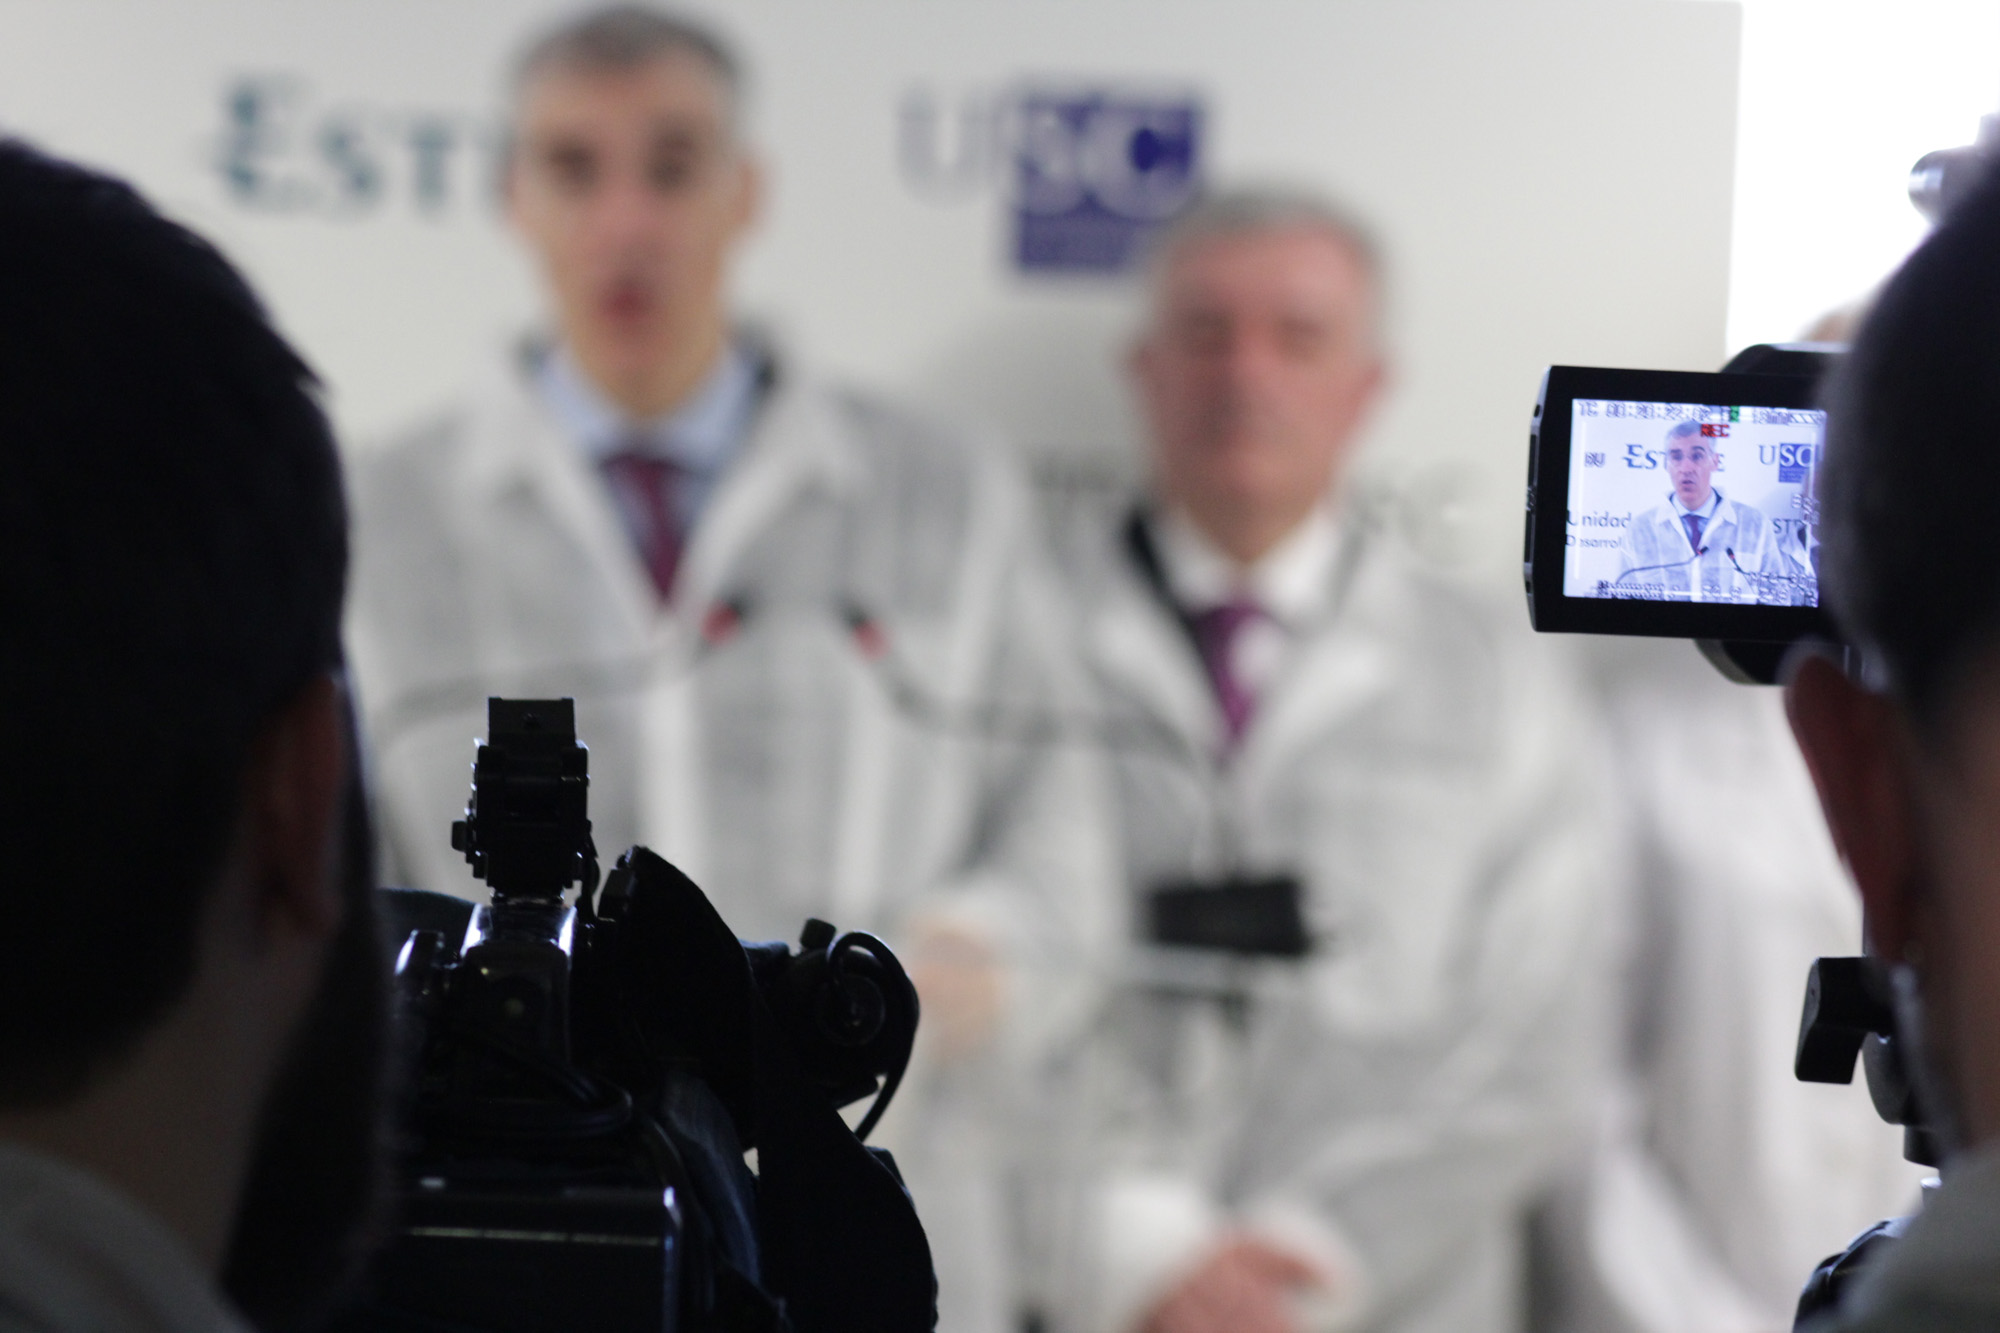 Presentación de la Unidad Mixta Biofarma-Esteve / Foto: Andrés Ruiz.